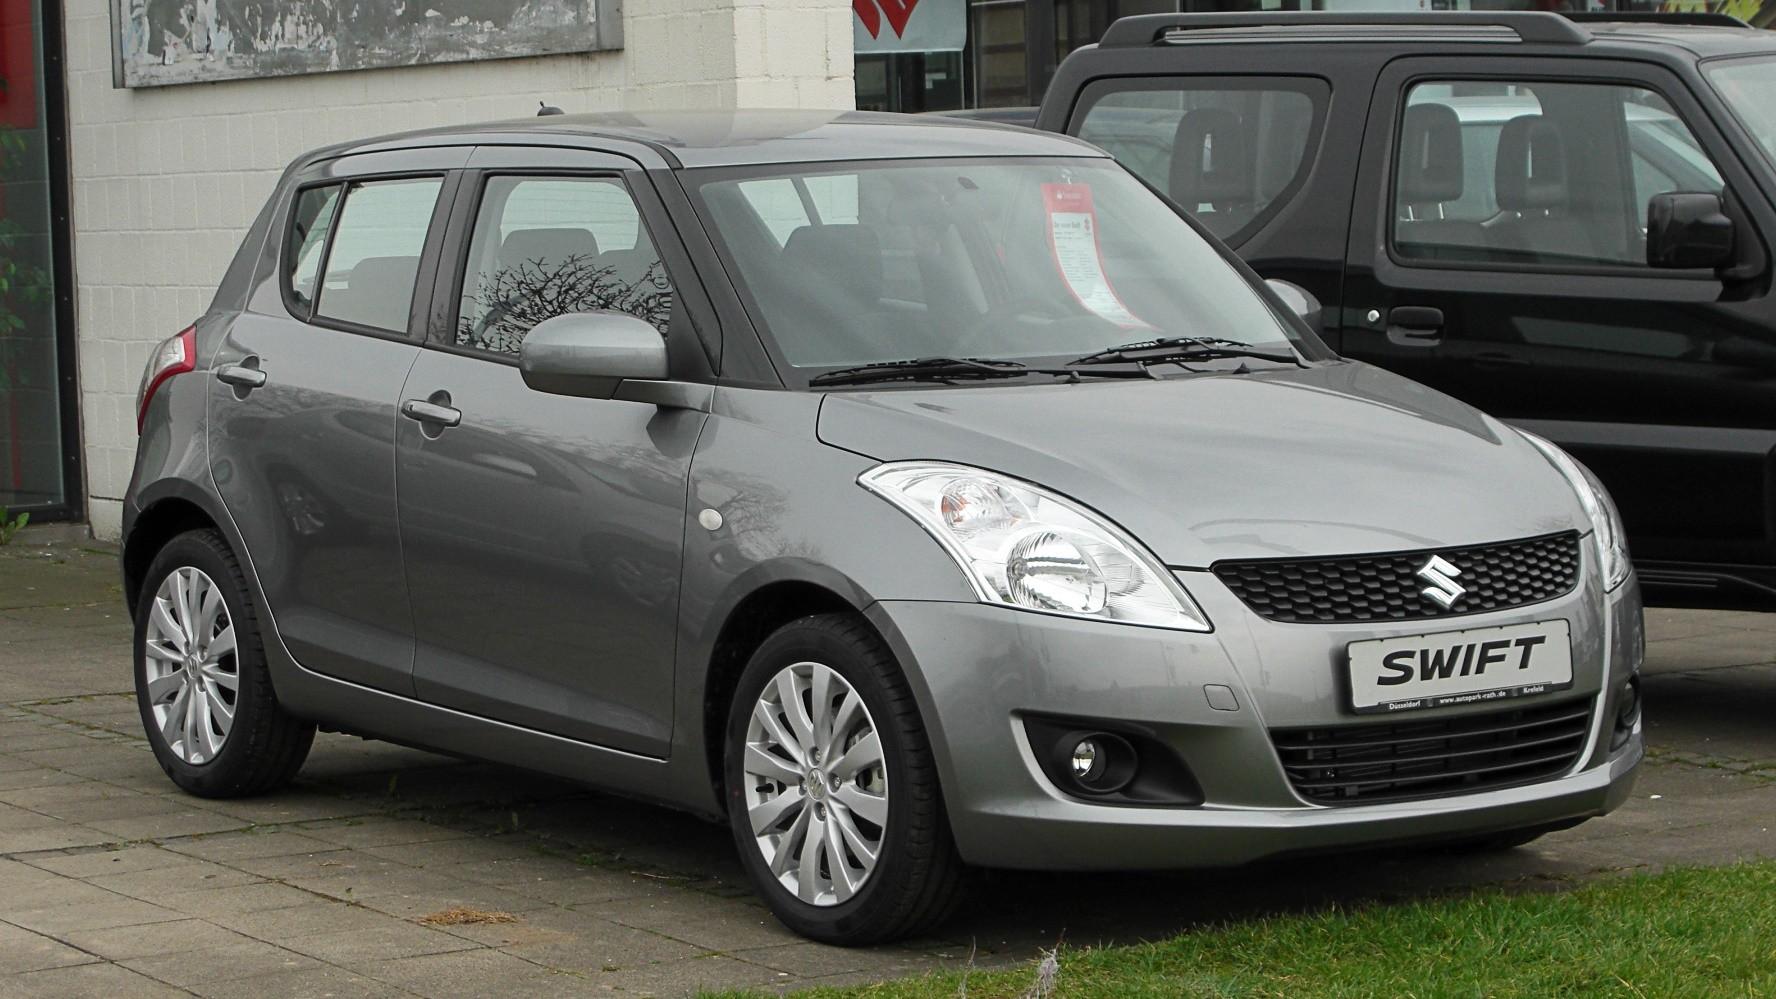 Suzuki Swift - xe ô tô dành cho phụ nữ